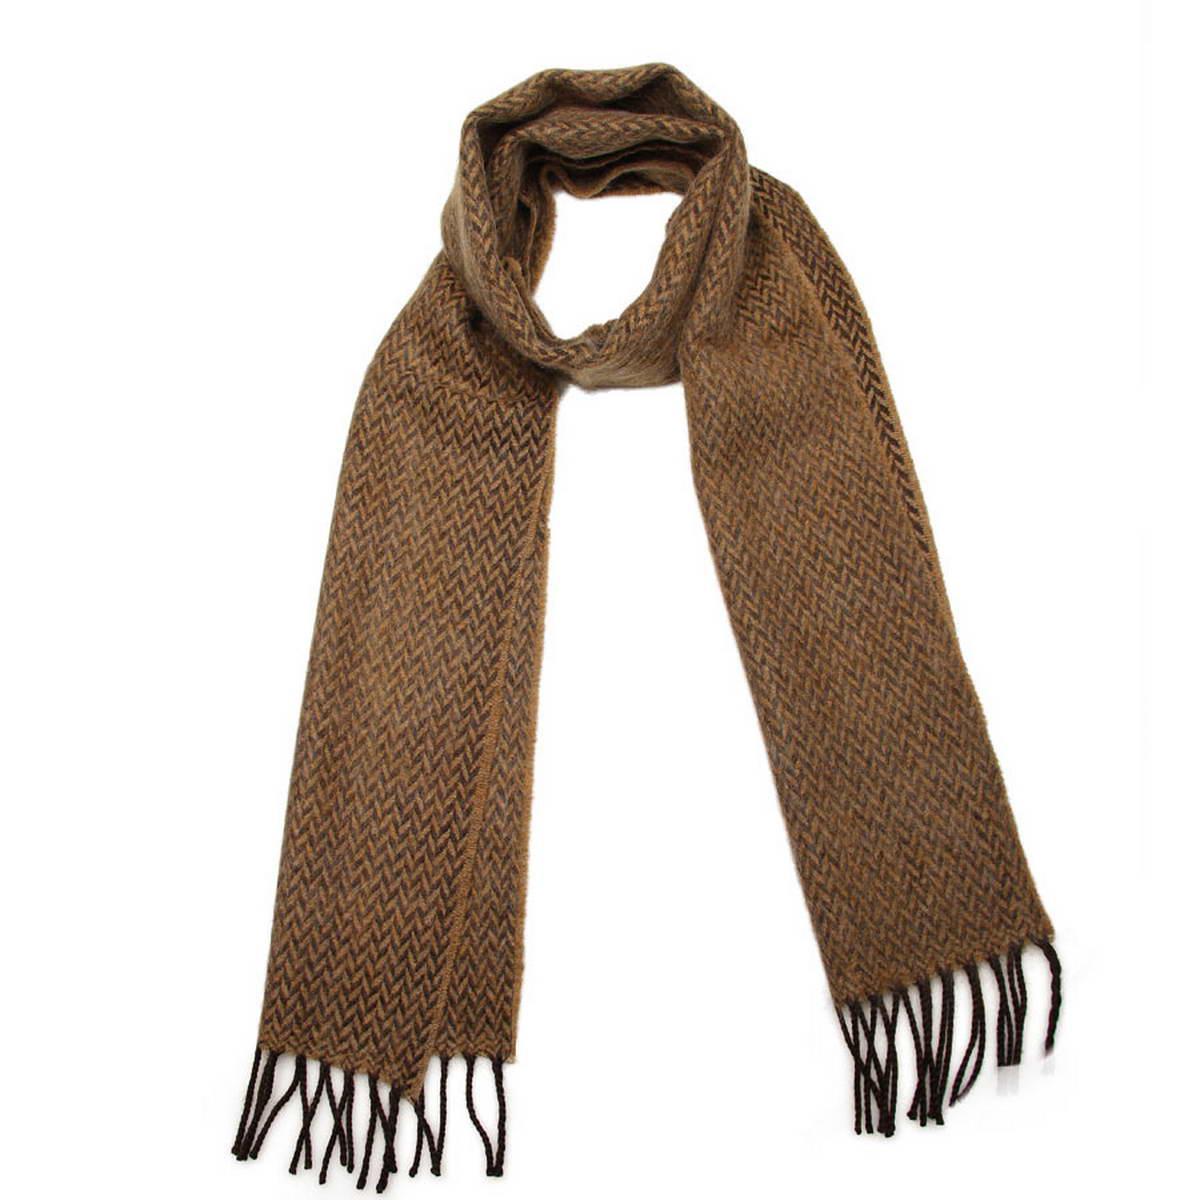 Шарф5003232-20Элегантный мужской шарф Venera согреет вас в холодное время года, а также станет изысканным аксессуаром, который призван подчеркнуть ваш стиль и индивидуальность. Оригинальный теплый шарф выполнен из высококачественной пряжи из шерсти и акрила. Шарф оформлен строгим геометрическим узором зигзаг и дополнен жгутиками по краю. Такой шарф станет превосходным дополнением к любому наряду, защитит вас от ветра и холода и позволит вам создать свой неповторимый стиль.